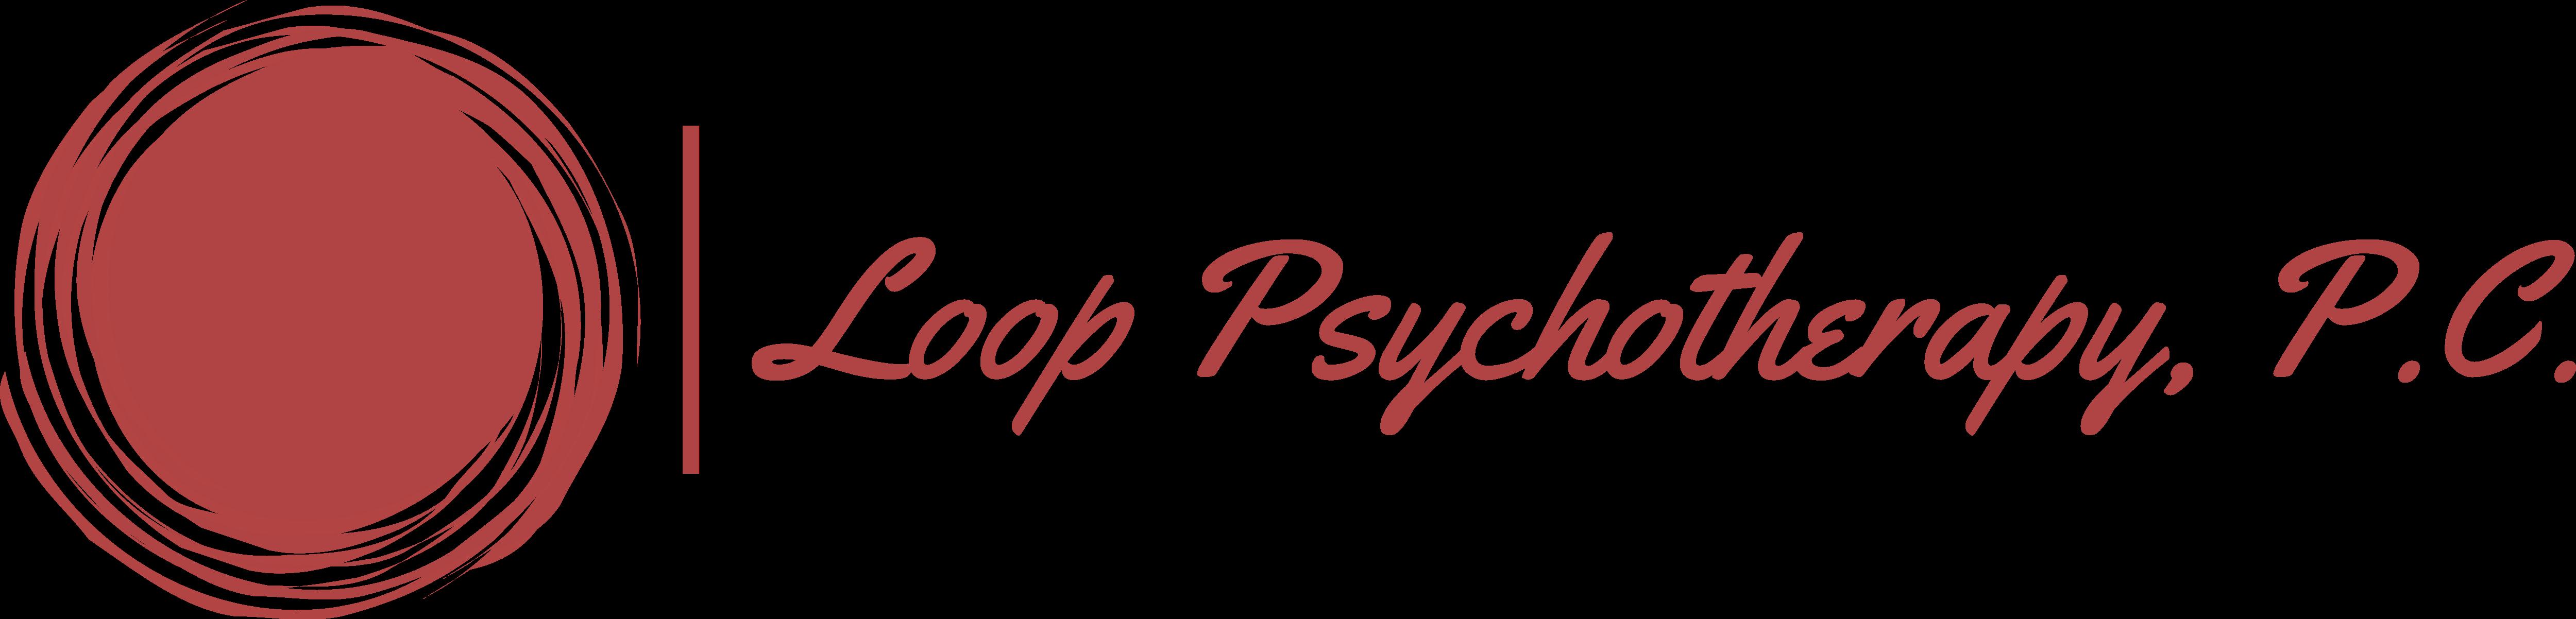 Loop Psychotherapy